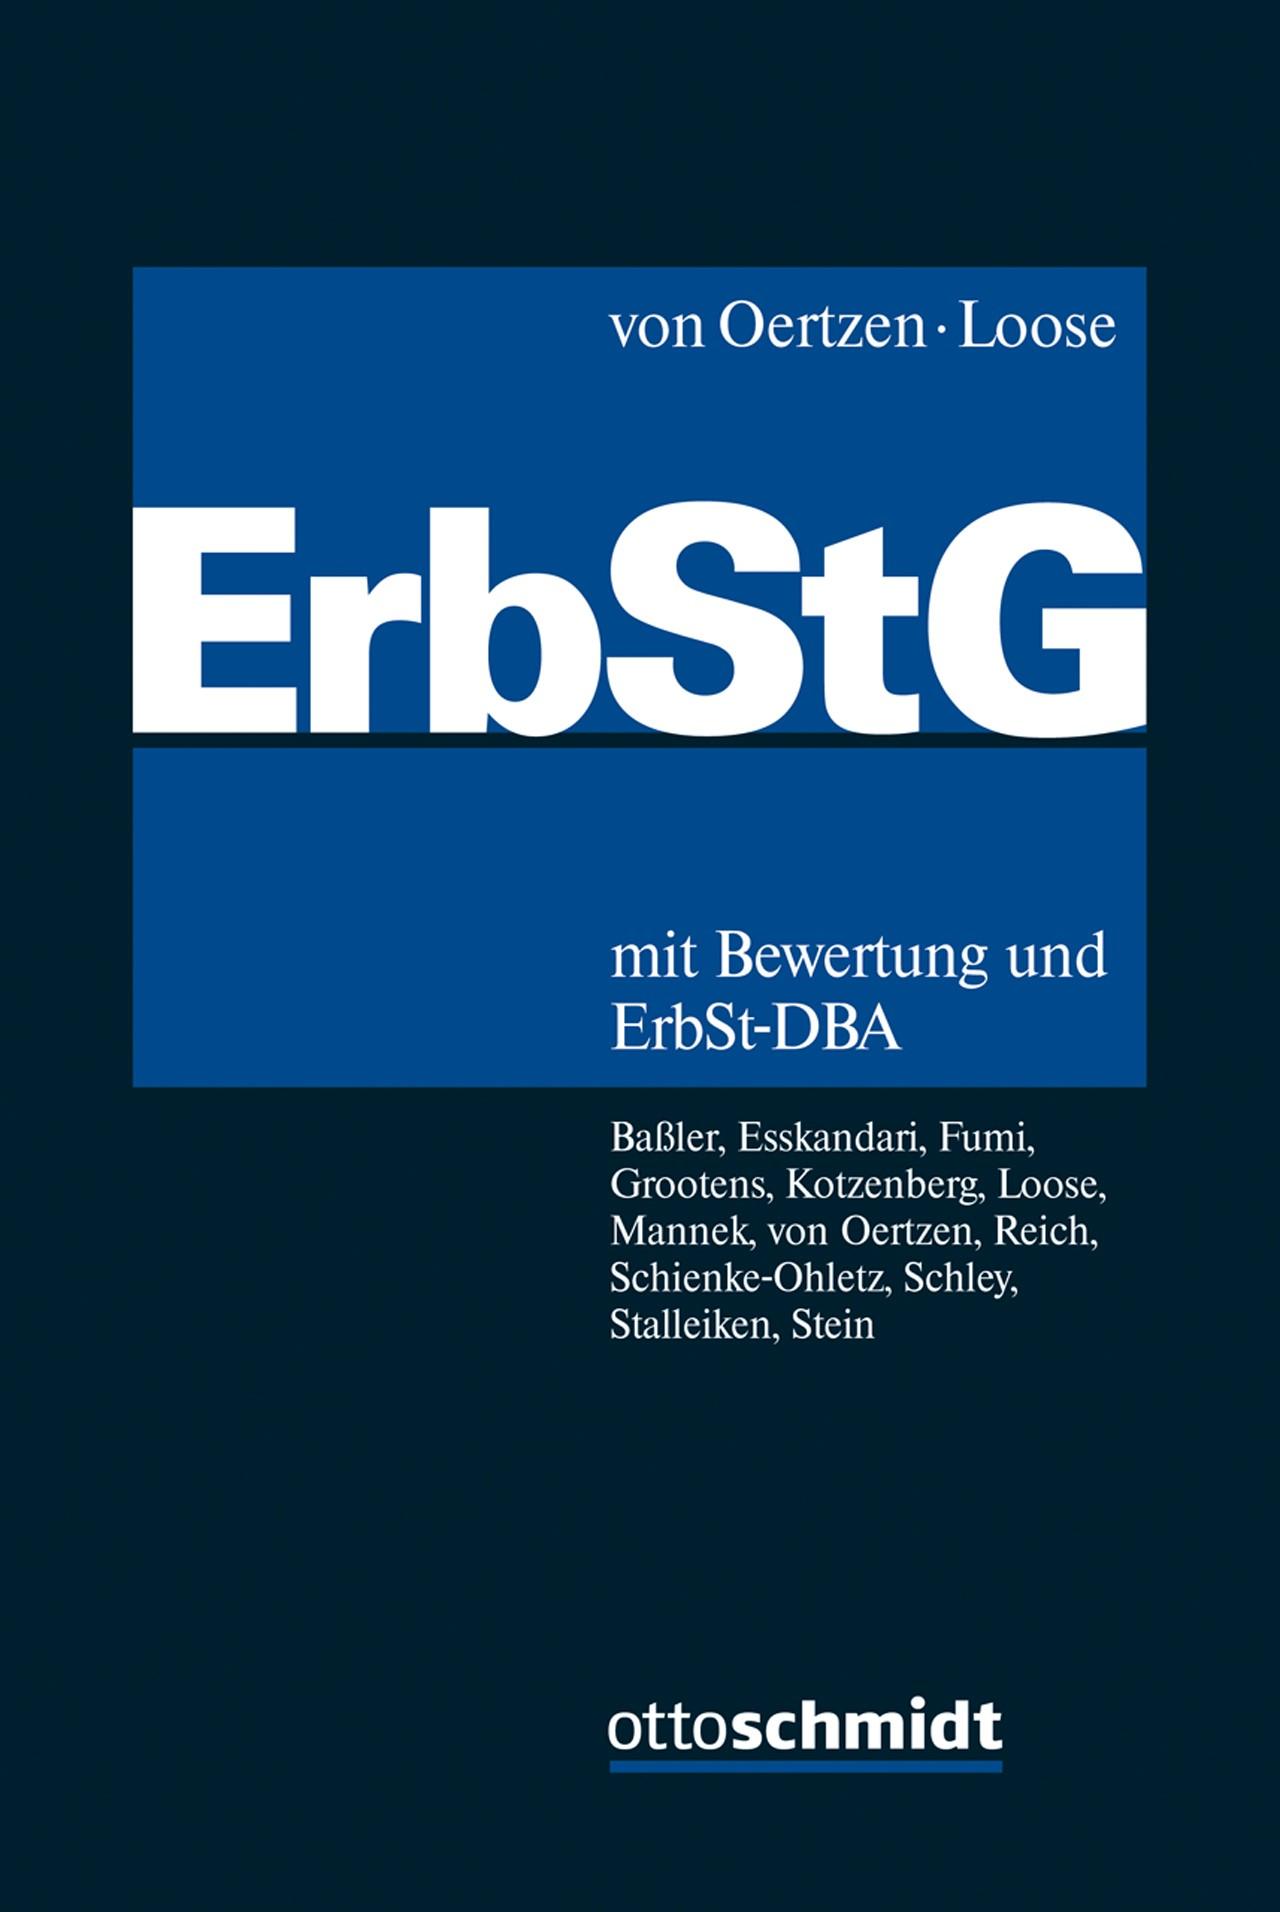 Erbschaftsteuer- und Schenkungsteuergesetz: ErbStG | von Oertzen / Loose, 2017 | Buch (Cover)